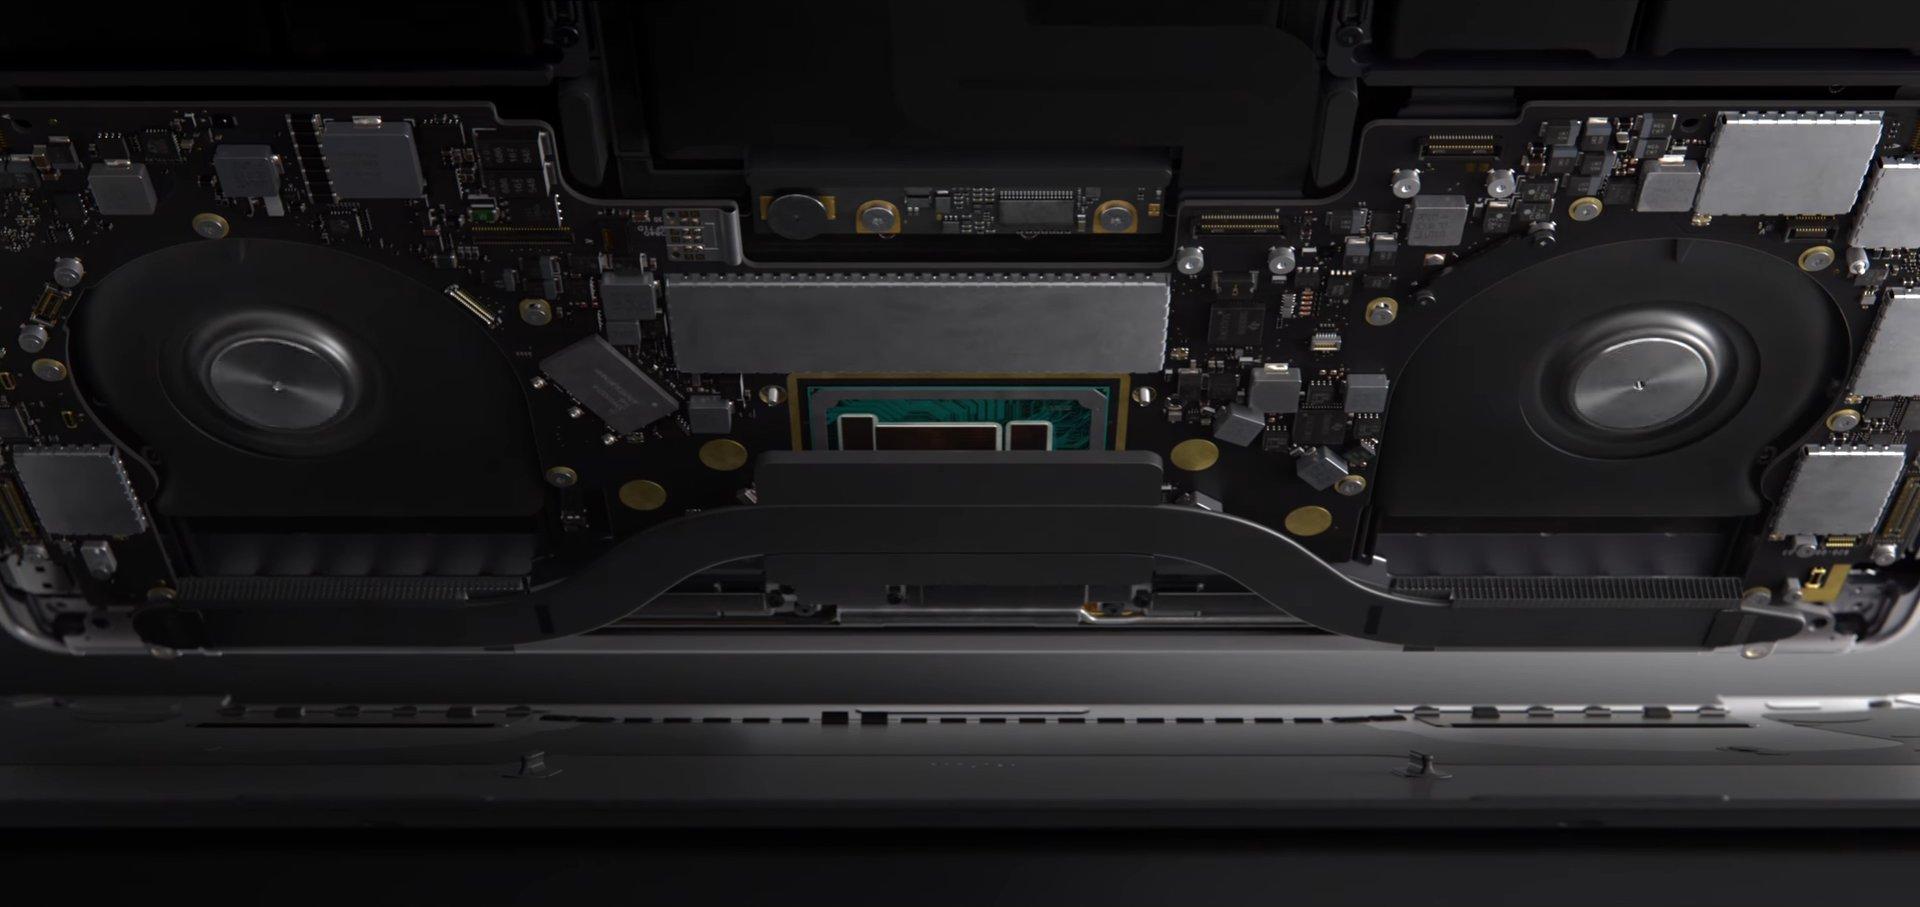 Innenaufbau des MacBook Pro 13 Zoll mit Touch Bar